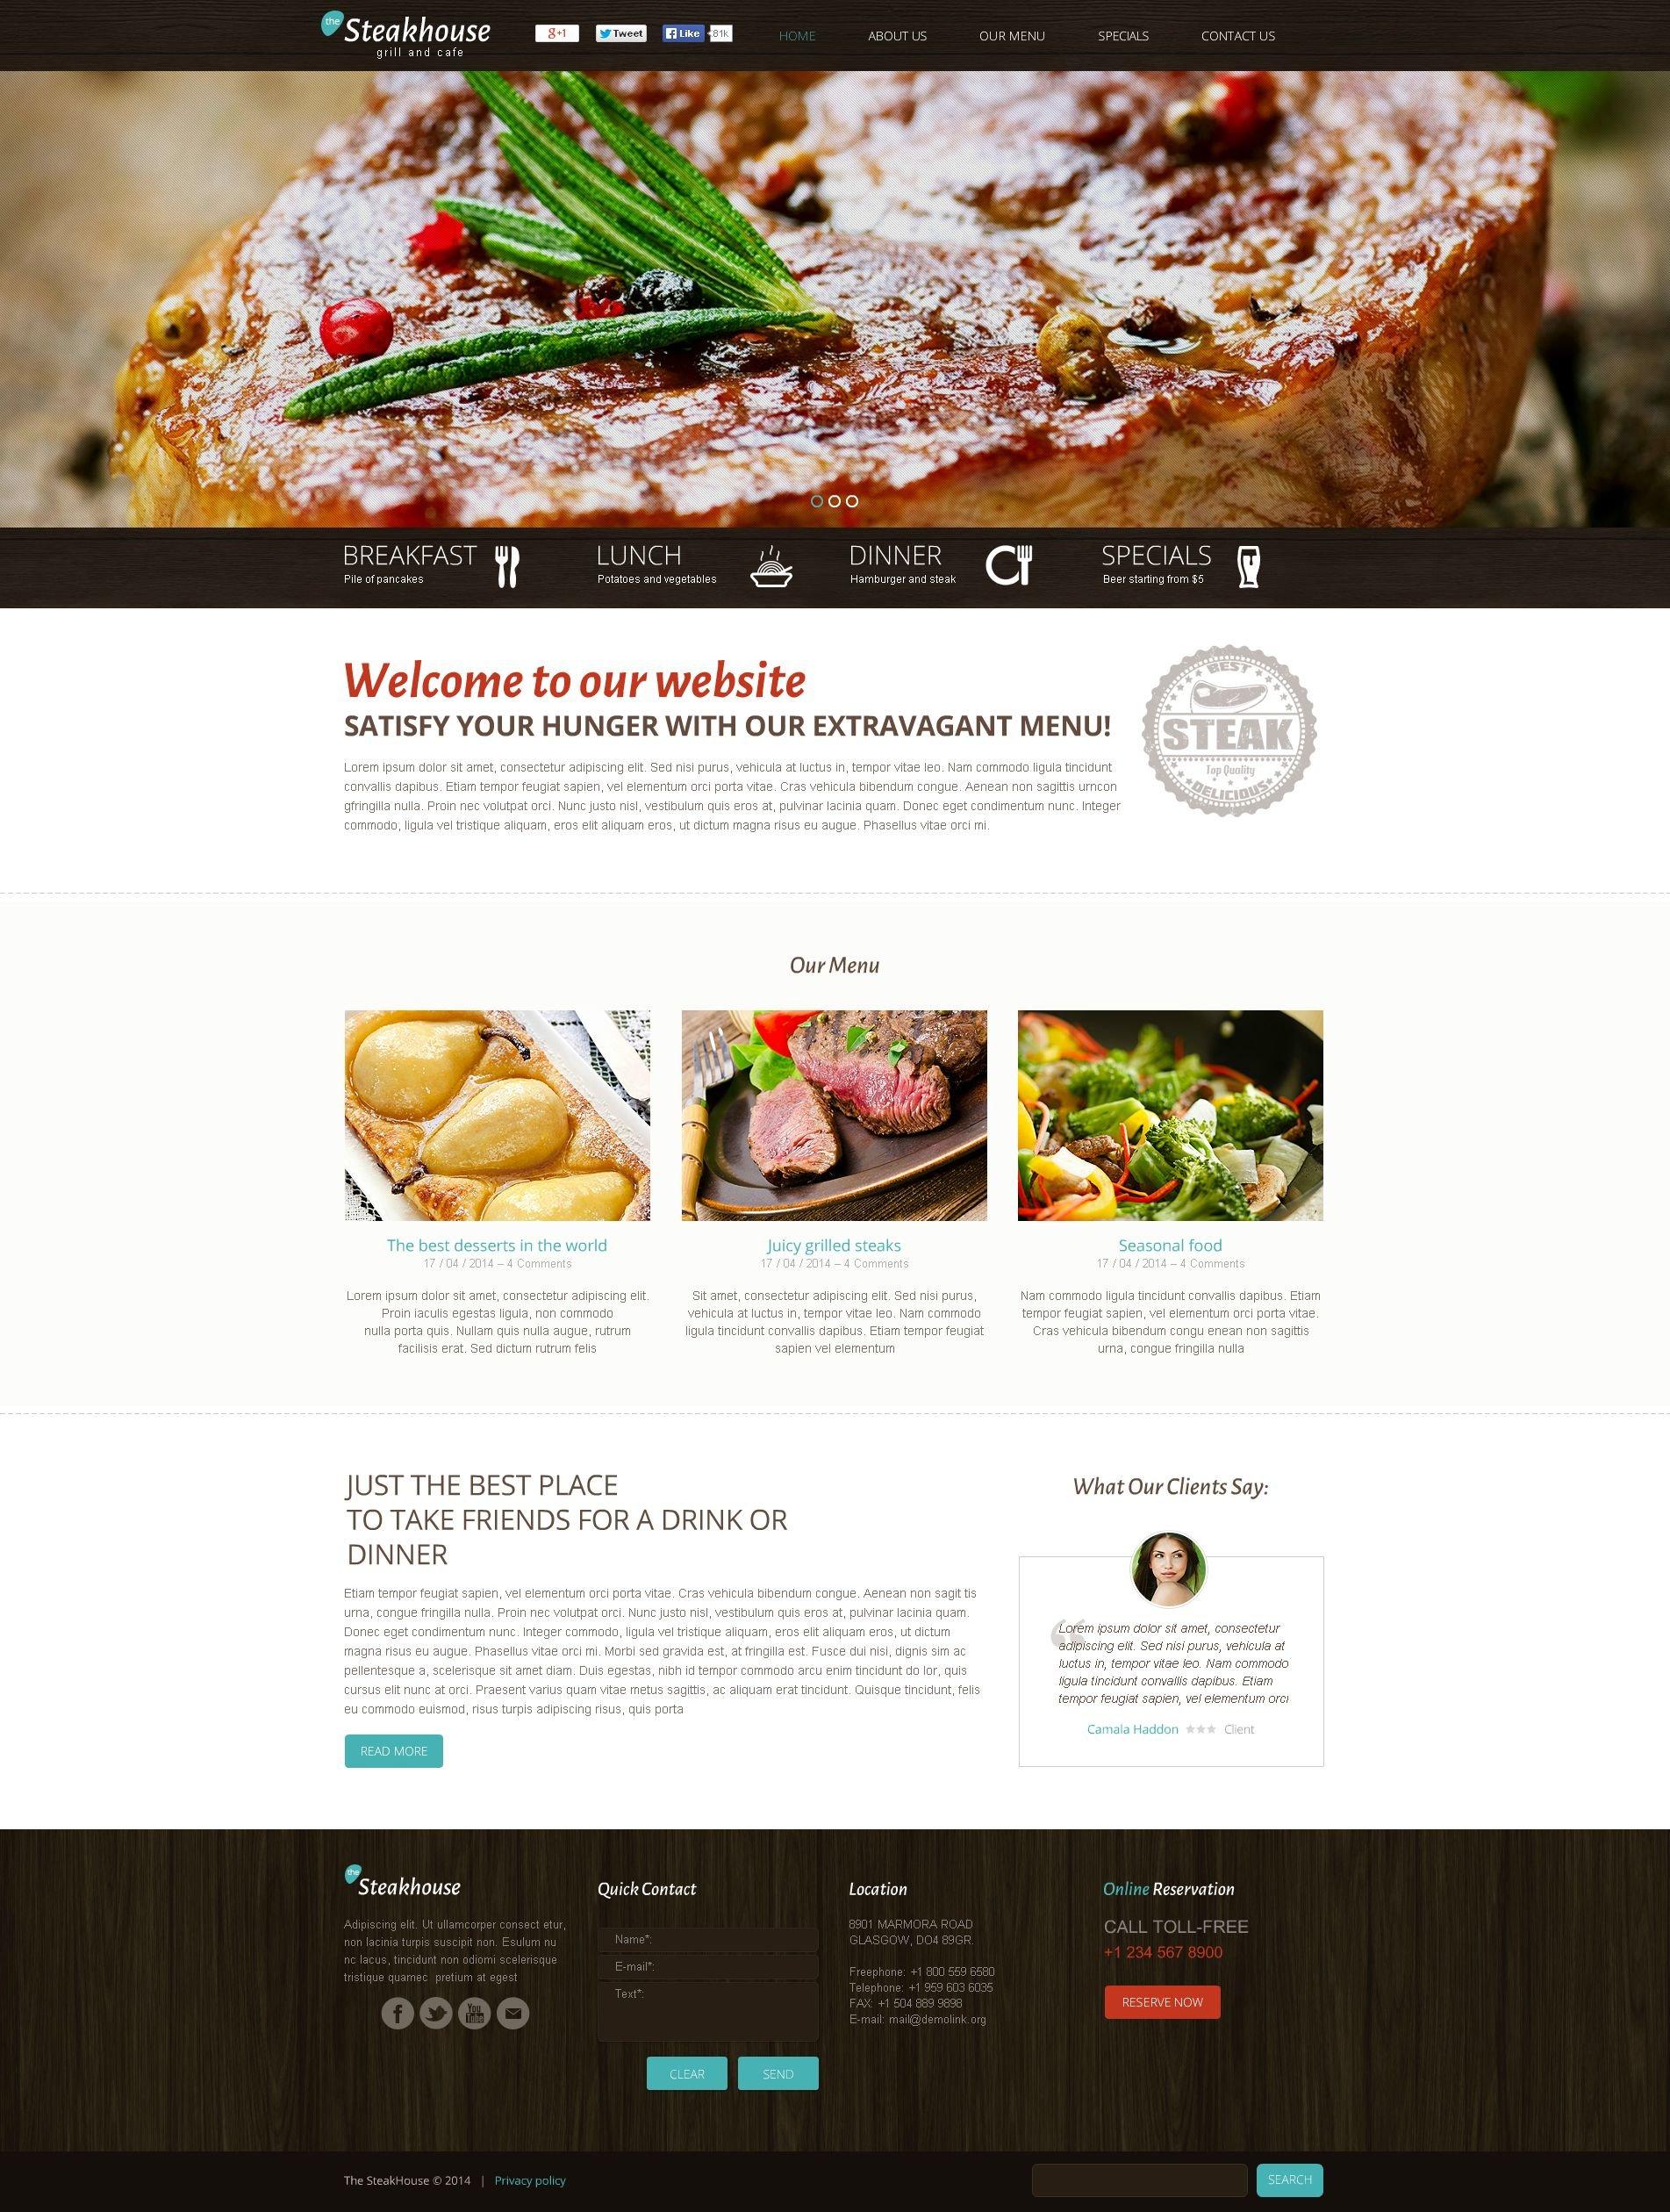 Steakhouse Flash CMS Template - screenshot